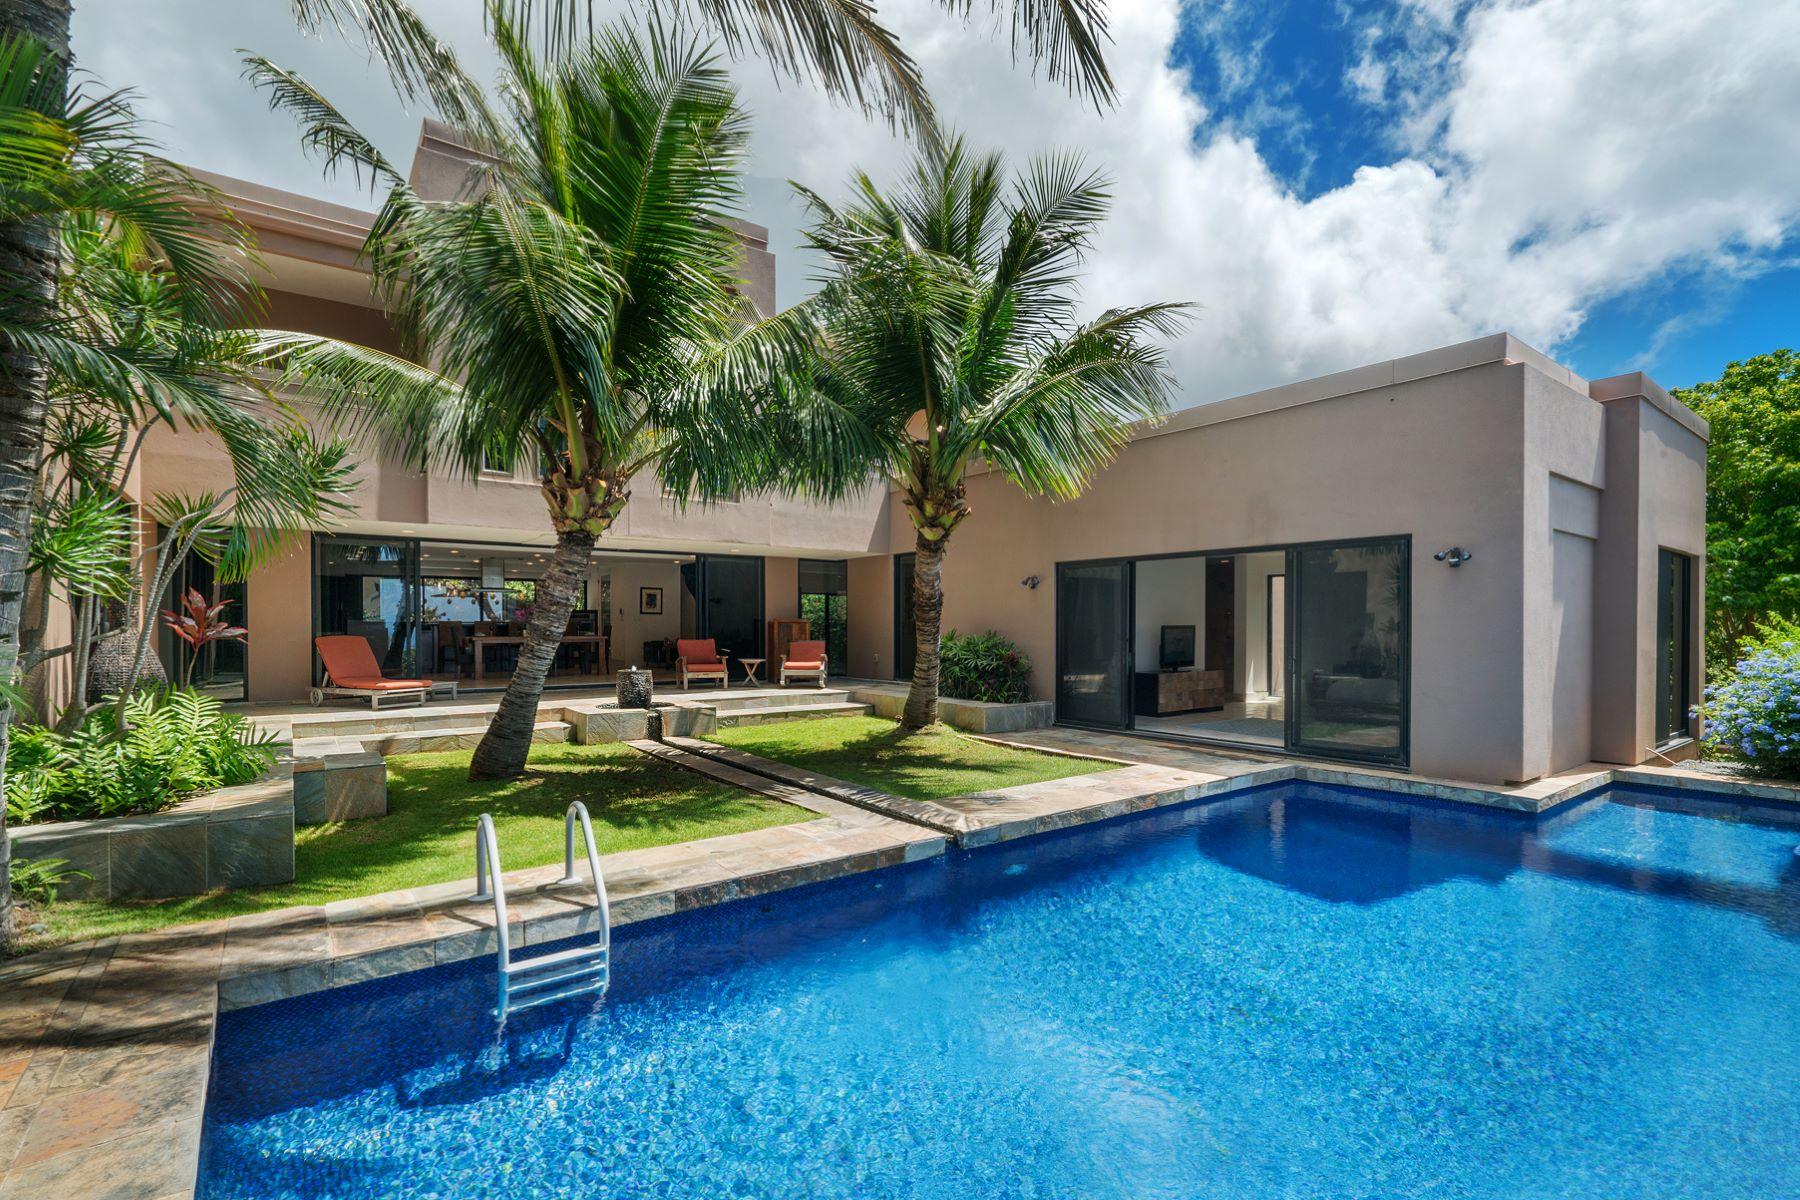 Частный односемейный дом для того Продажа на Kahala Kua Contemporary 5614 Poola Street Kahala Kua, Honolulu, Гавайи, 96821 Соединенные Штаты